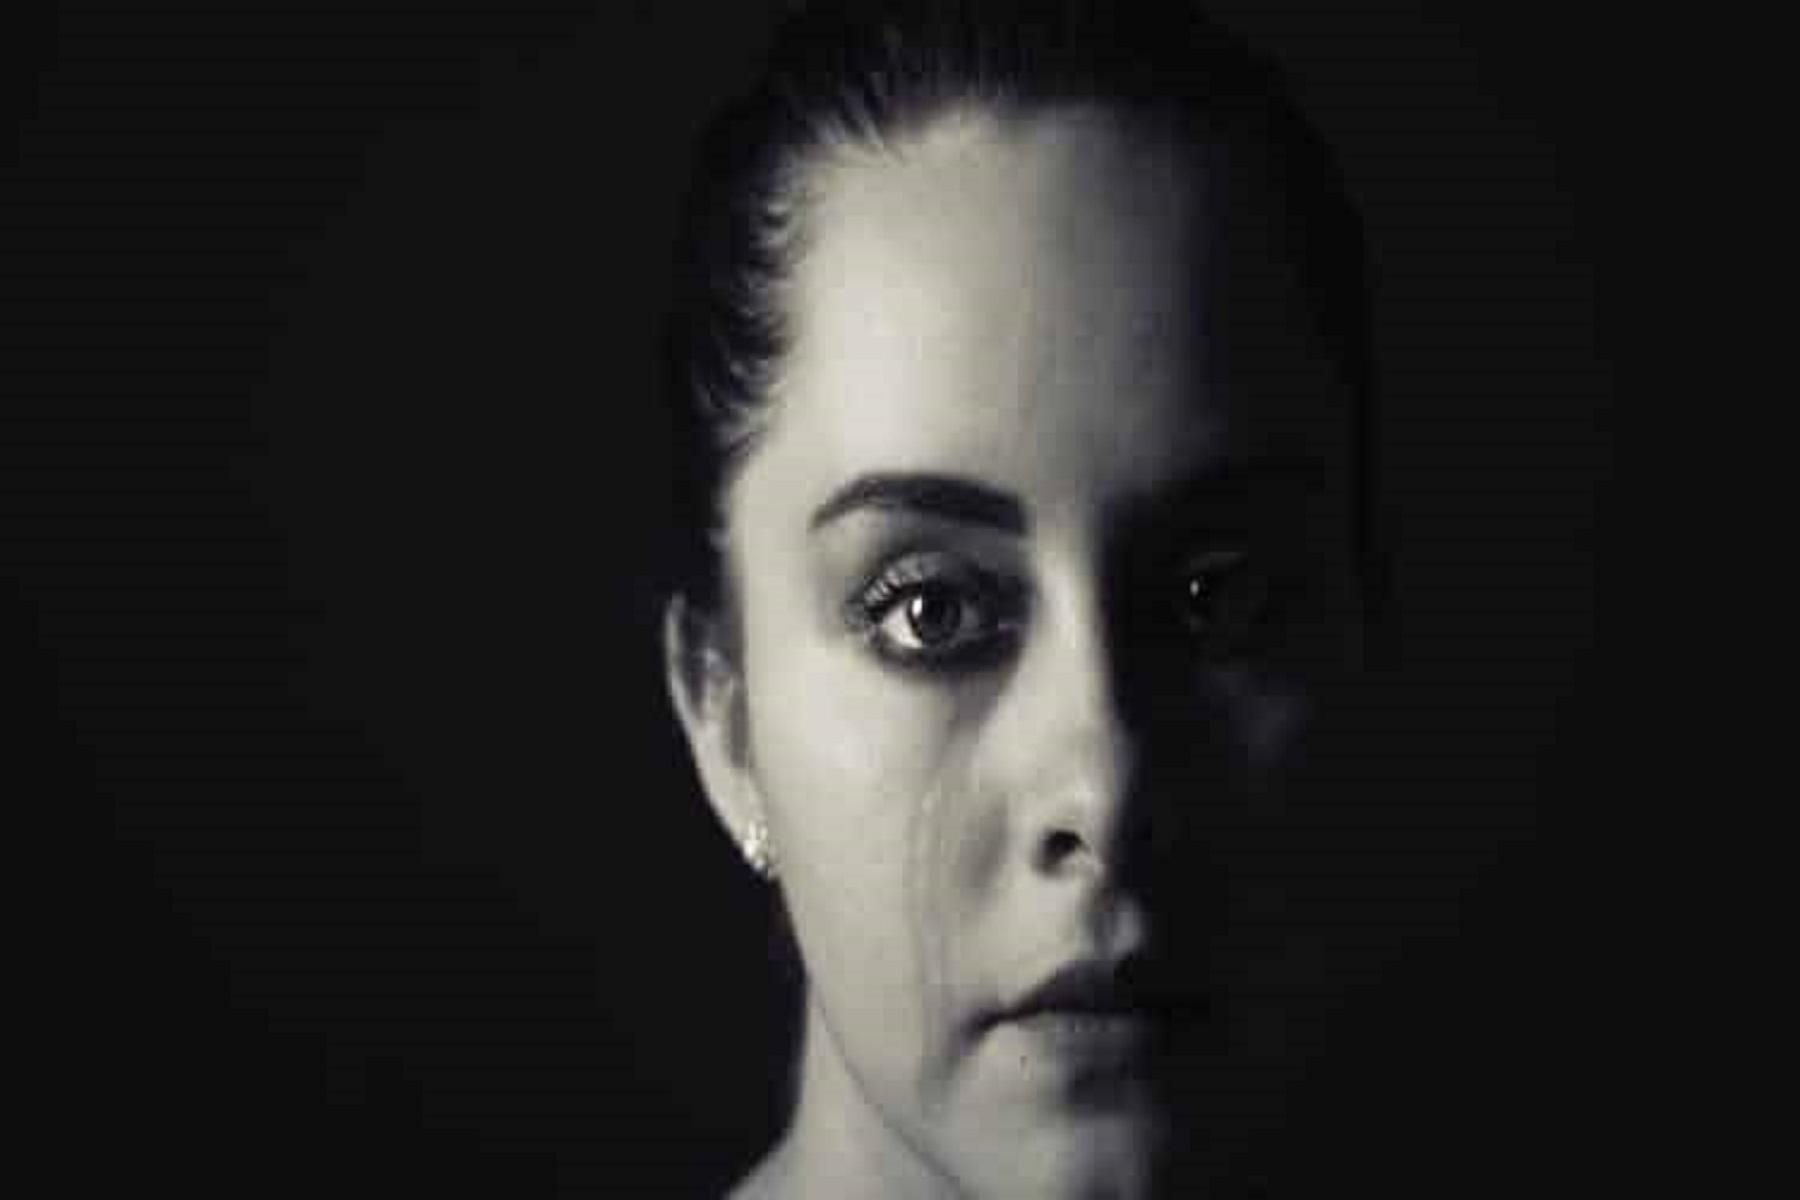 """Σιωπή Σχέσεις: Η """"σιωπηρή τιμωρία"""" ως τακτική χειραγώγησης"""